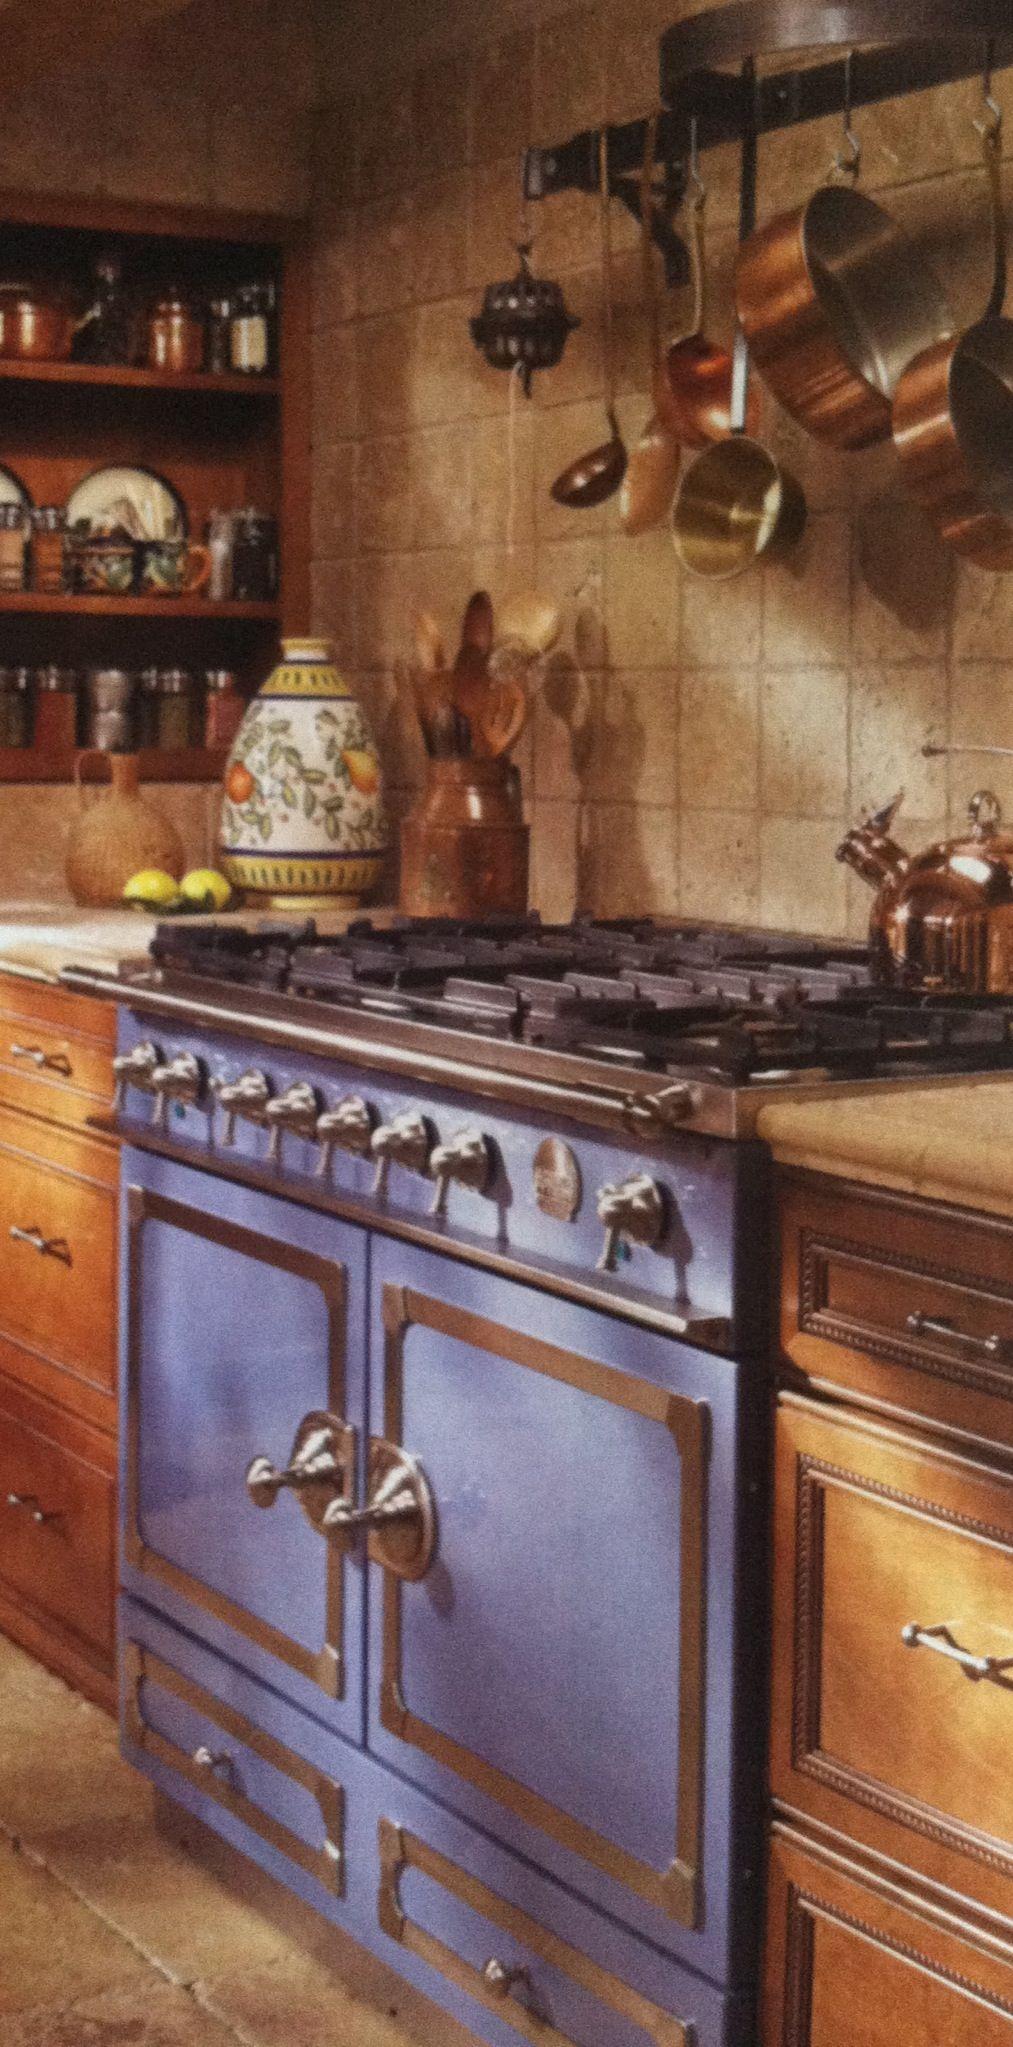 Cuisiniere A Bois La Cornue la cornue (avec images) | maison, cuisinière ancienne